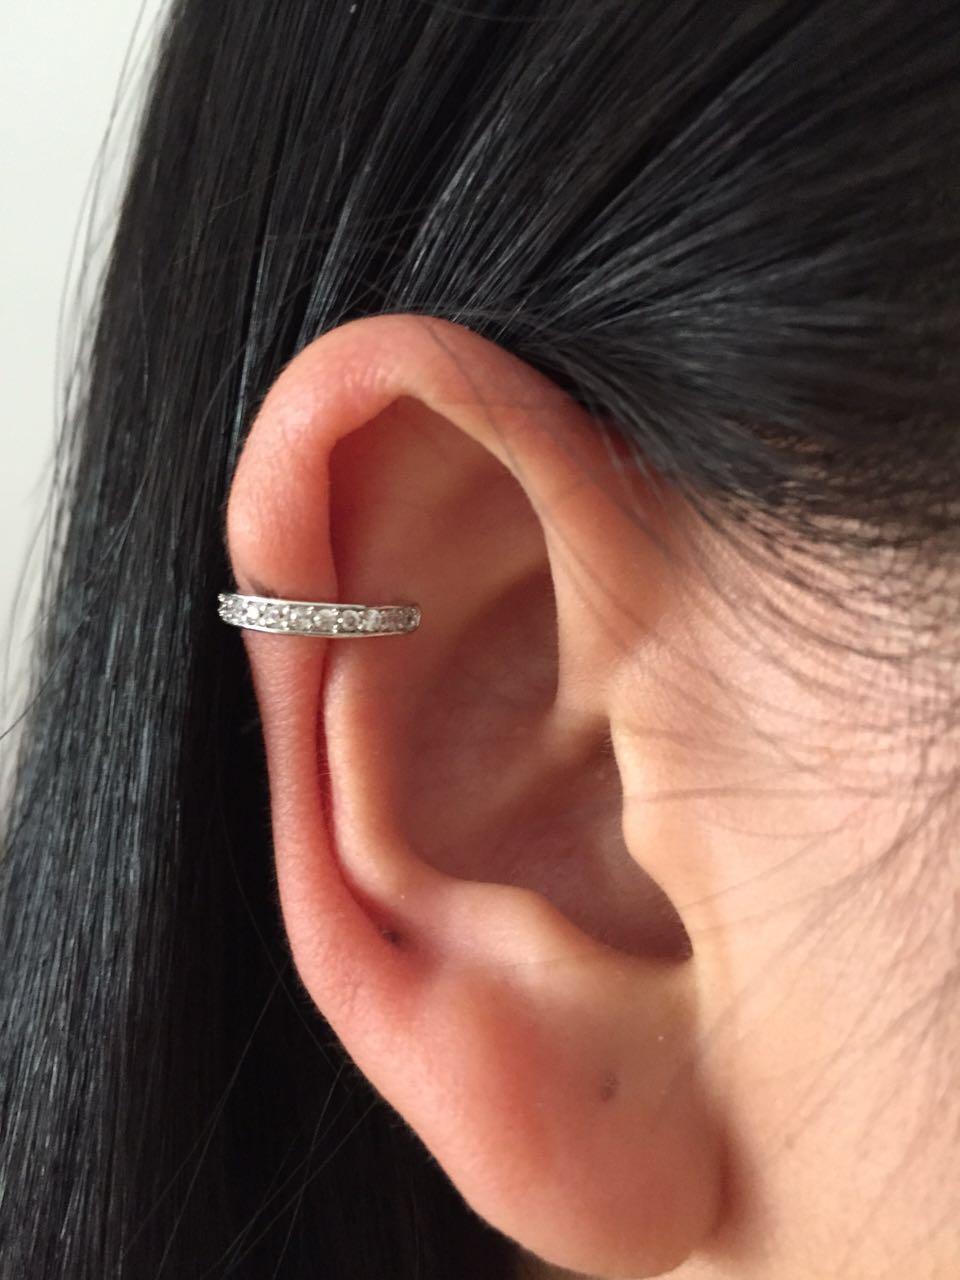 Brinco Ear Cuff Ear Clip Zirconia Pendientes Joyas En Una Oreja Para Las Mujeres Joyería Earing Oído Derecho Solo Dama Accesorios